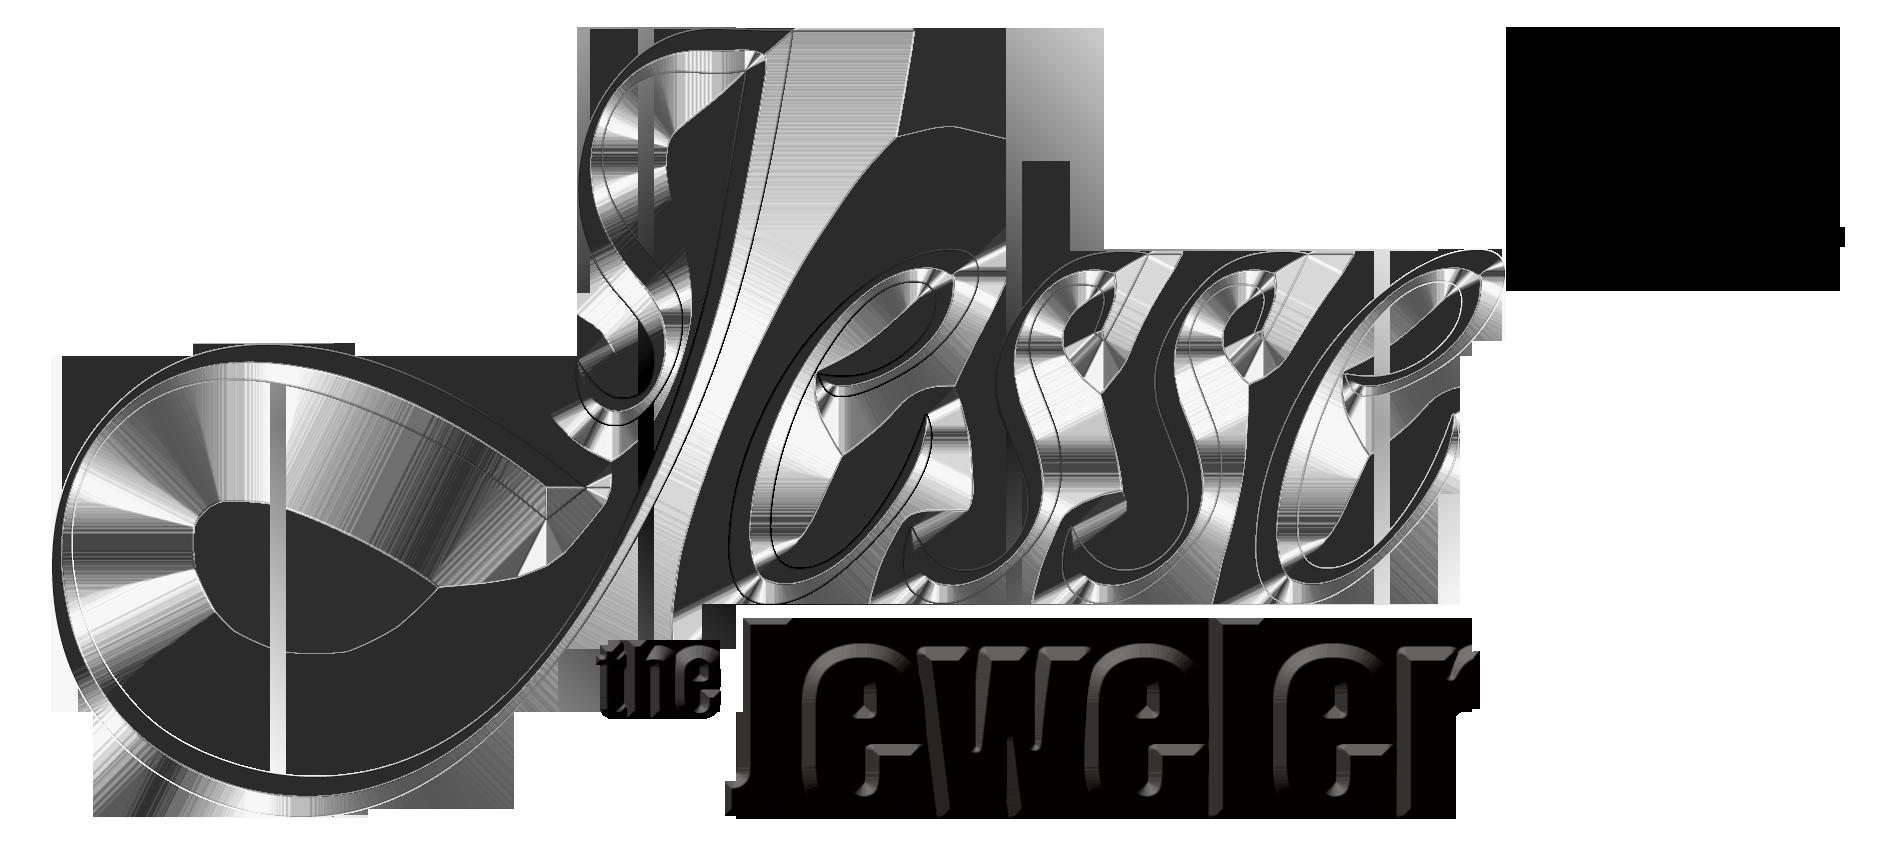 Jesse the Jeweler